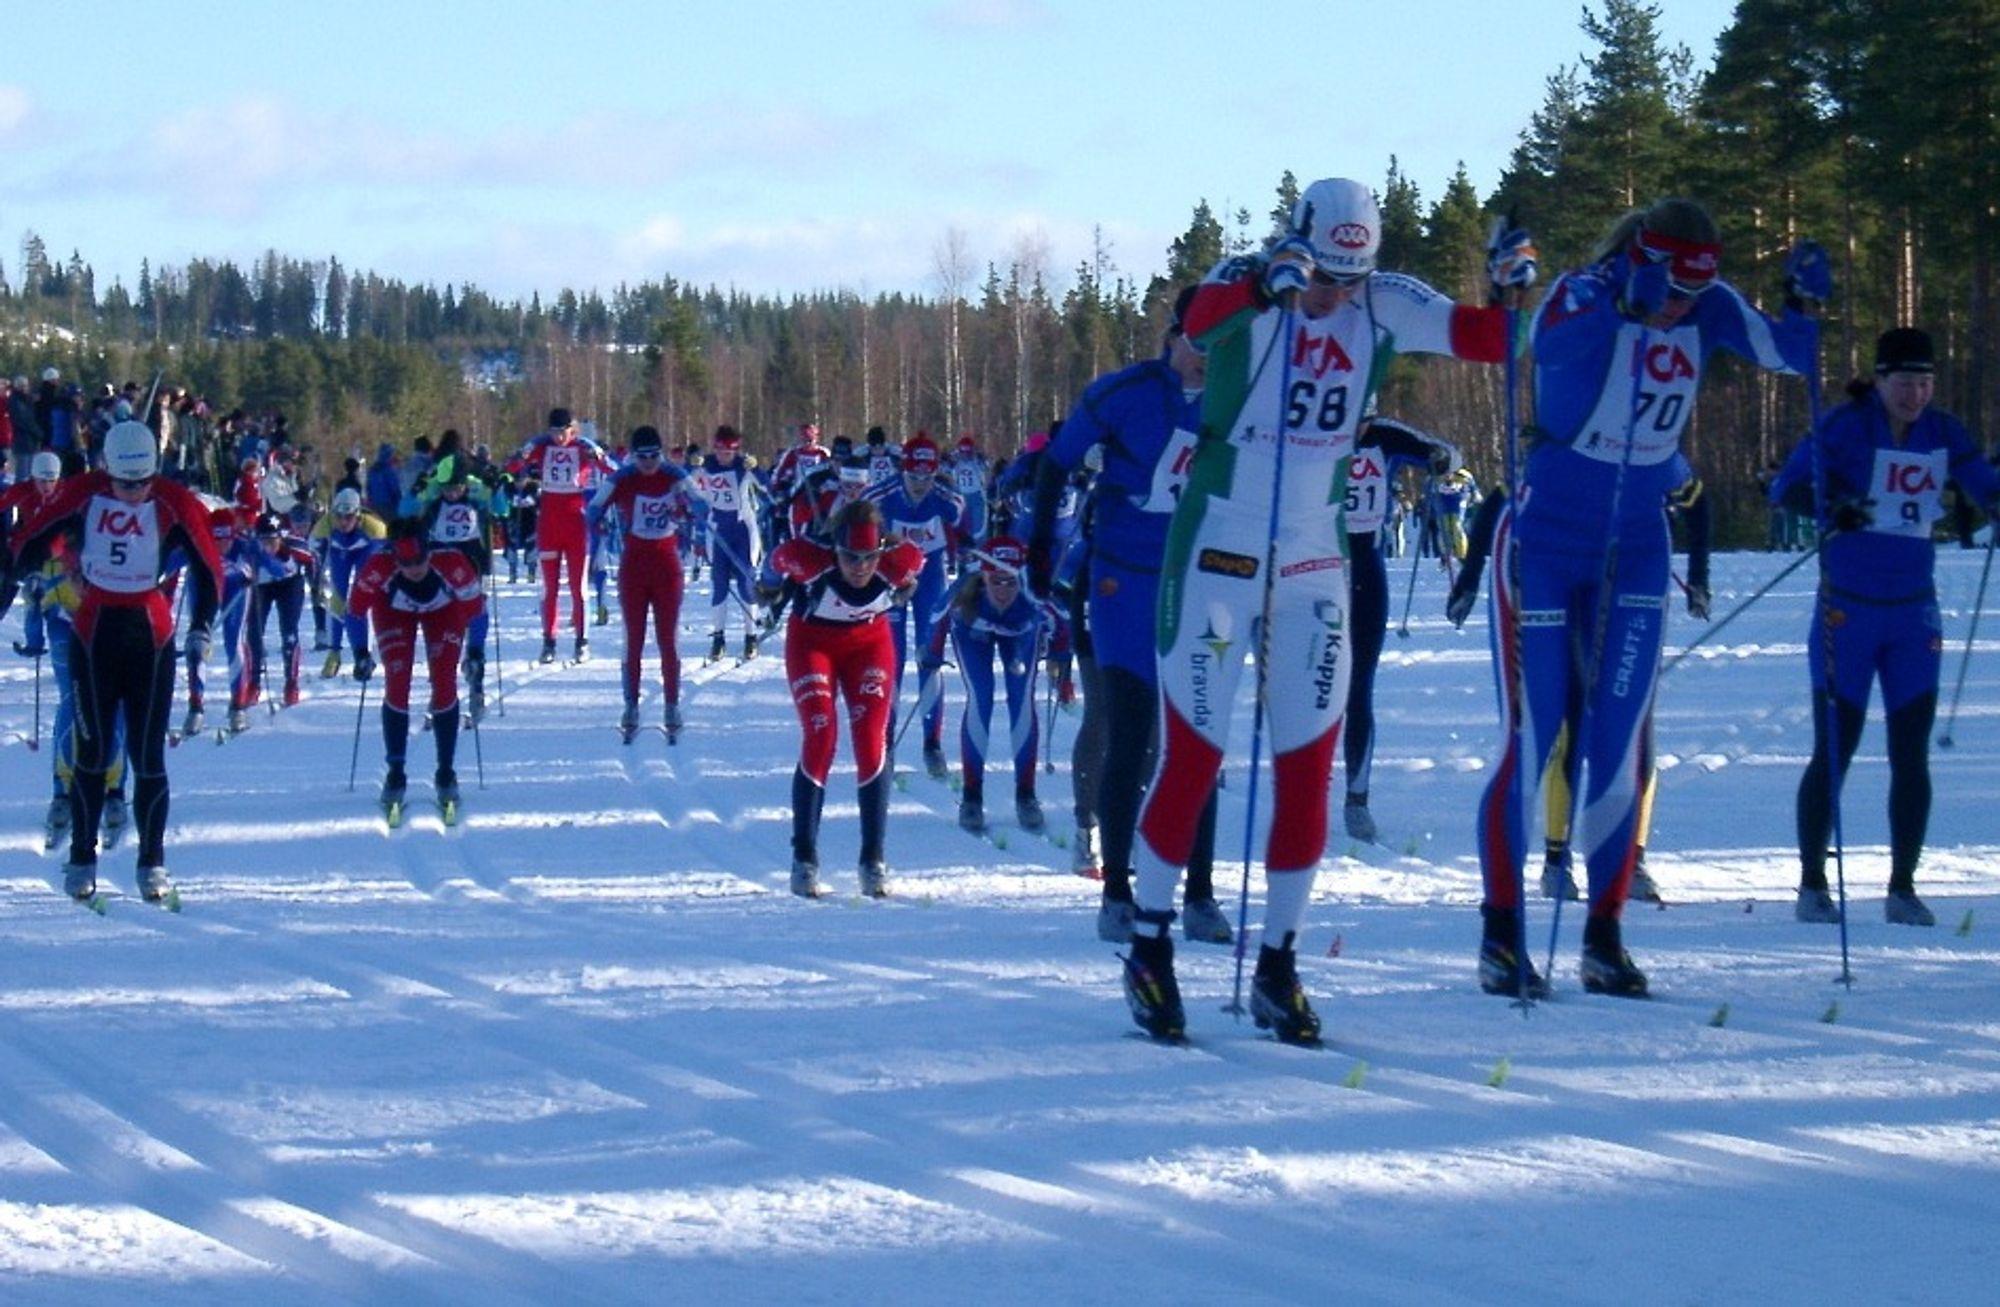 Tilhengerne mener ski behandlet med stålsikling og vinkelsliper får bedre glid enn ski som er glidet, spesielt under lange skirenn. Her fra Vasaloppet.